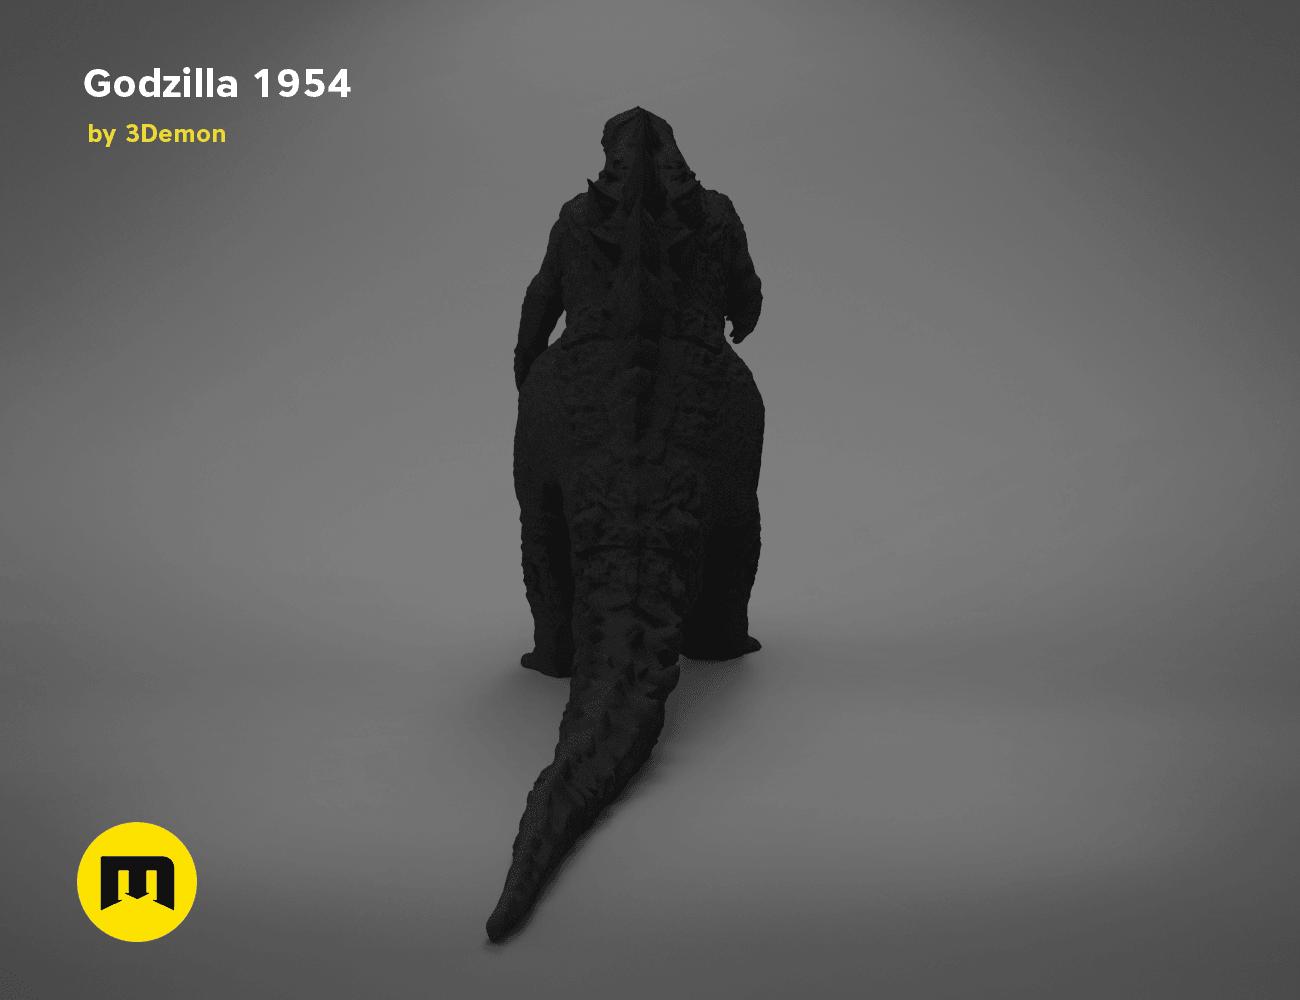 godzilla-black-japanese-back.196.png Télécharger fichier OBJ gratuit Godzilla 1954 figurine et ouvre-bouteille • Objet imprimable en 3D, 3D-mon